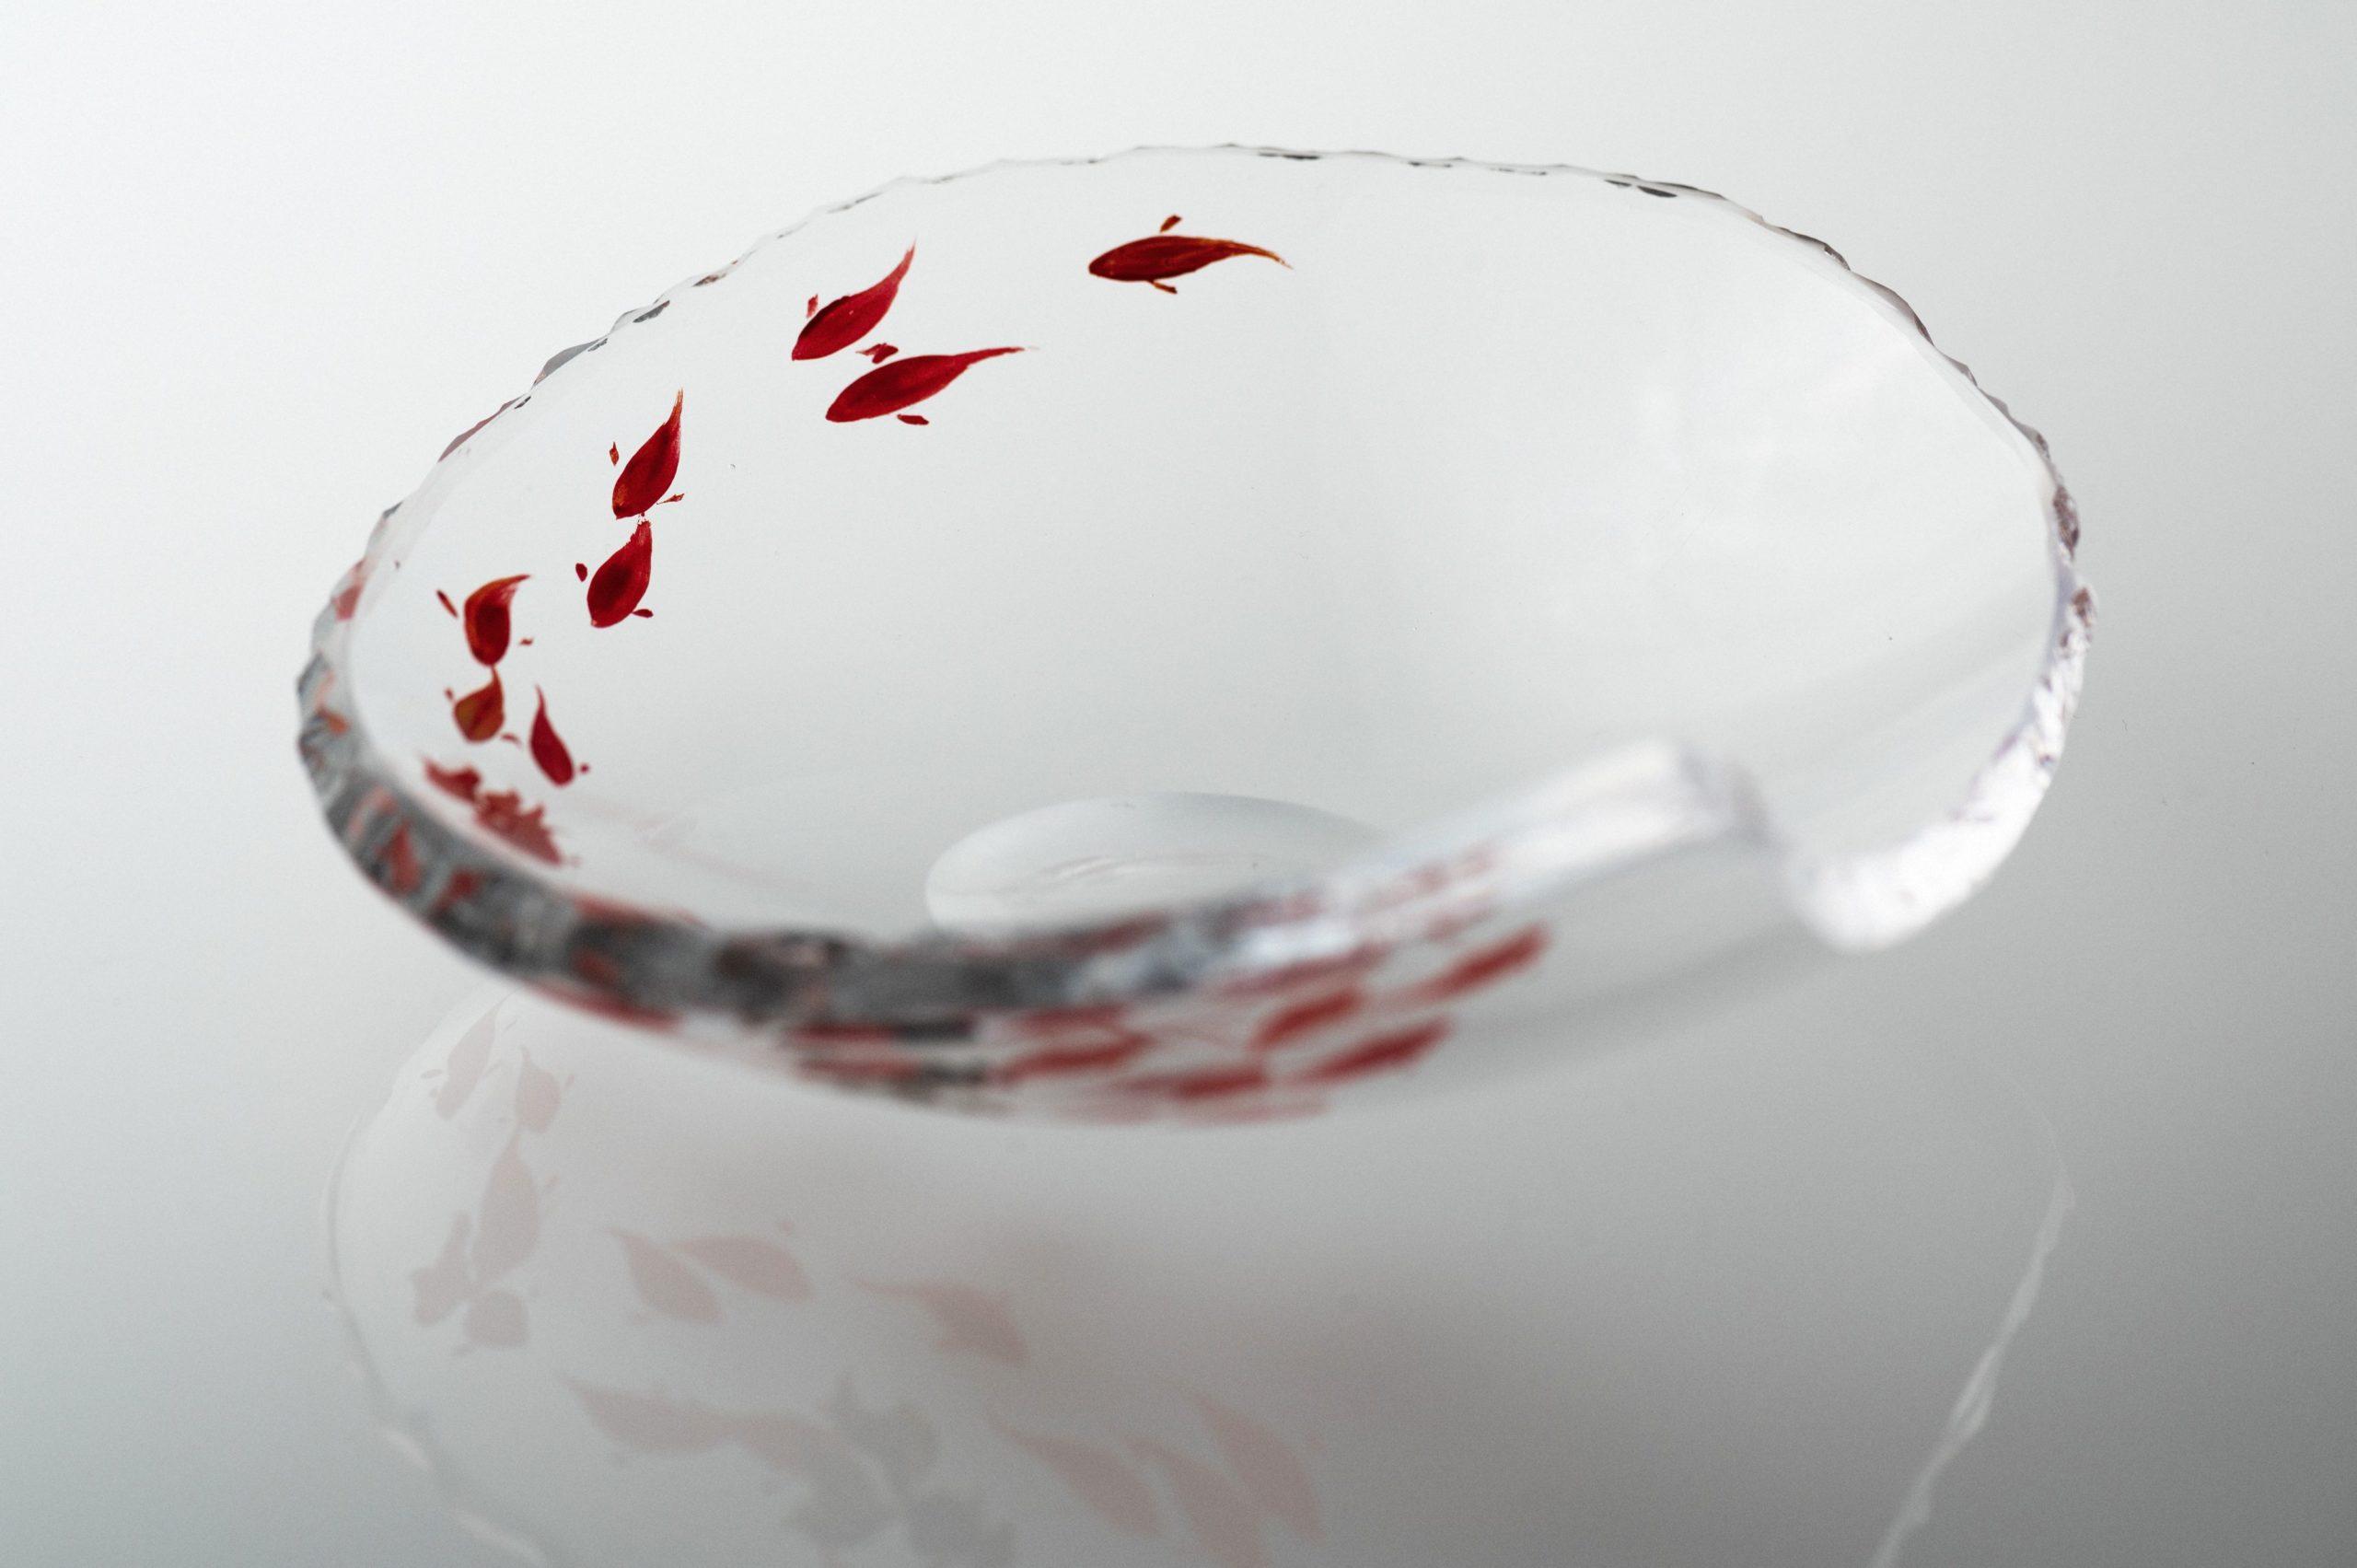 漆工芸家 江藤雄造氏による漆と貴島雄太朗のガラス|銘々皿+金魚